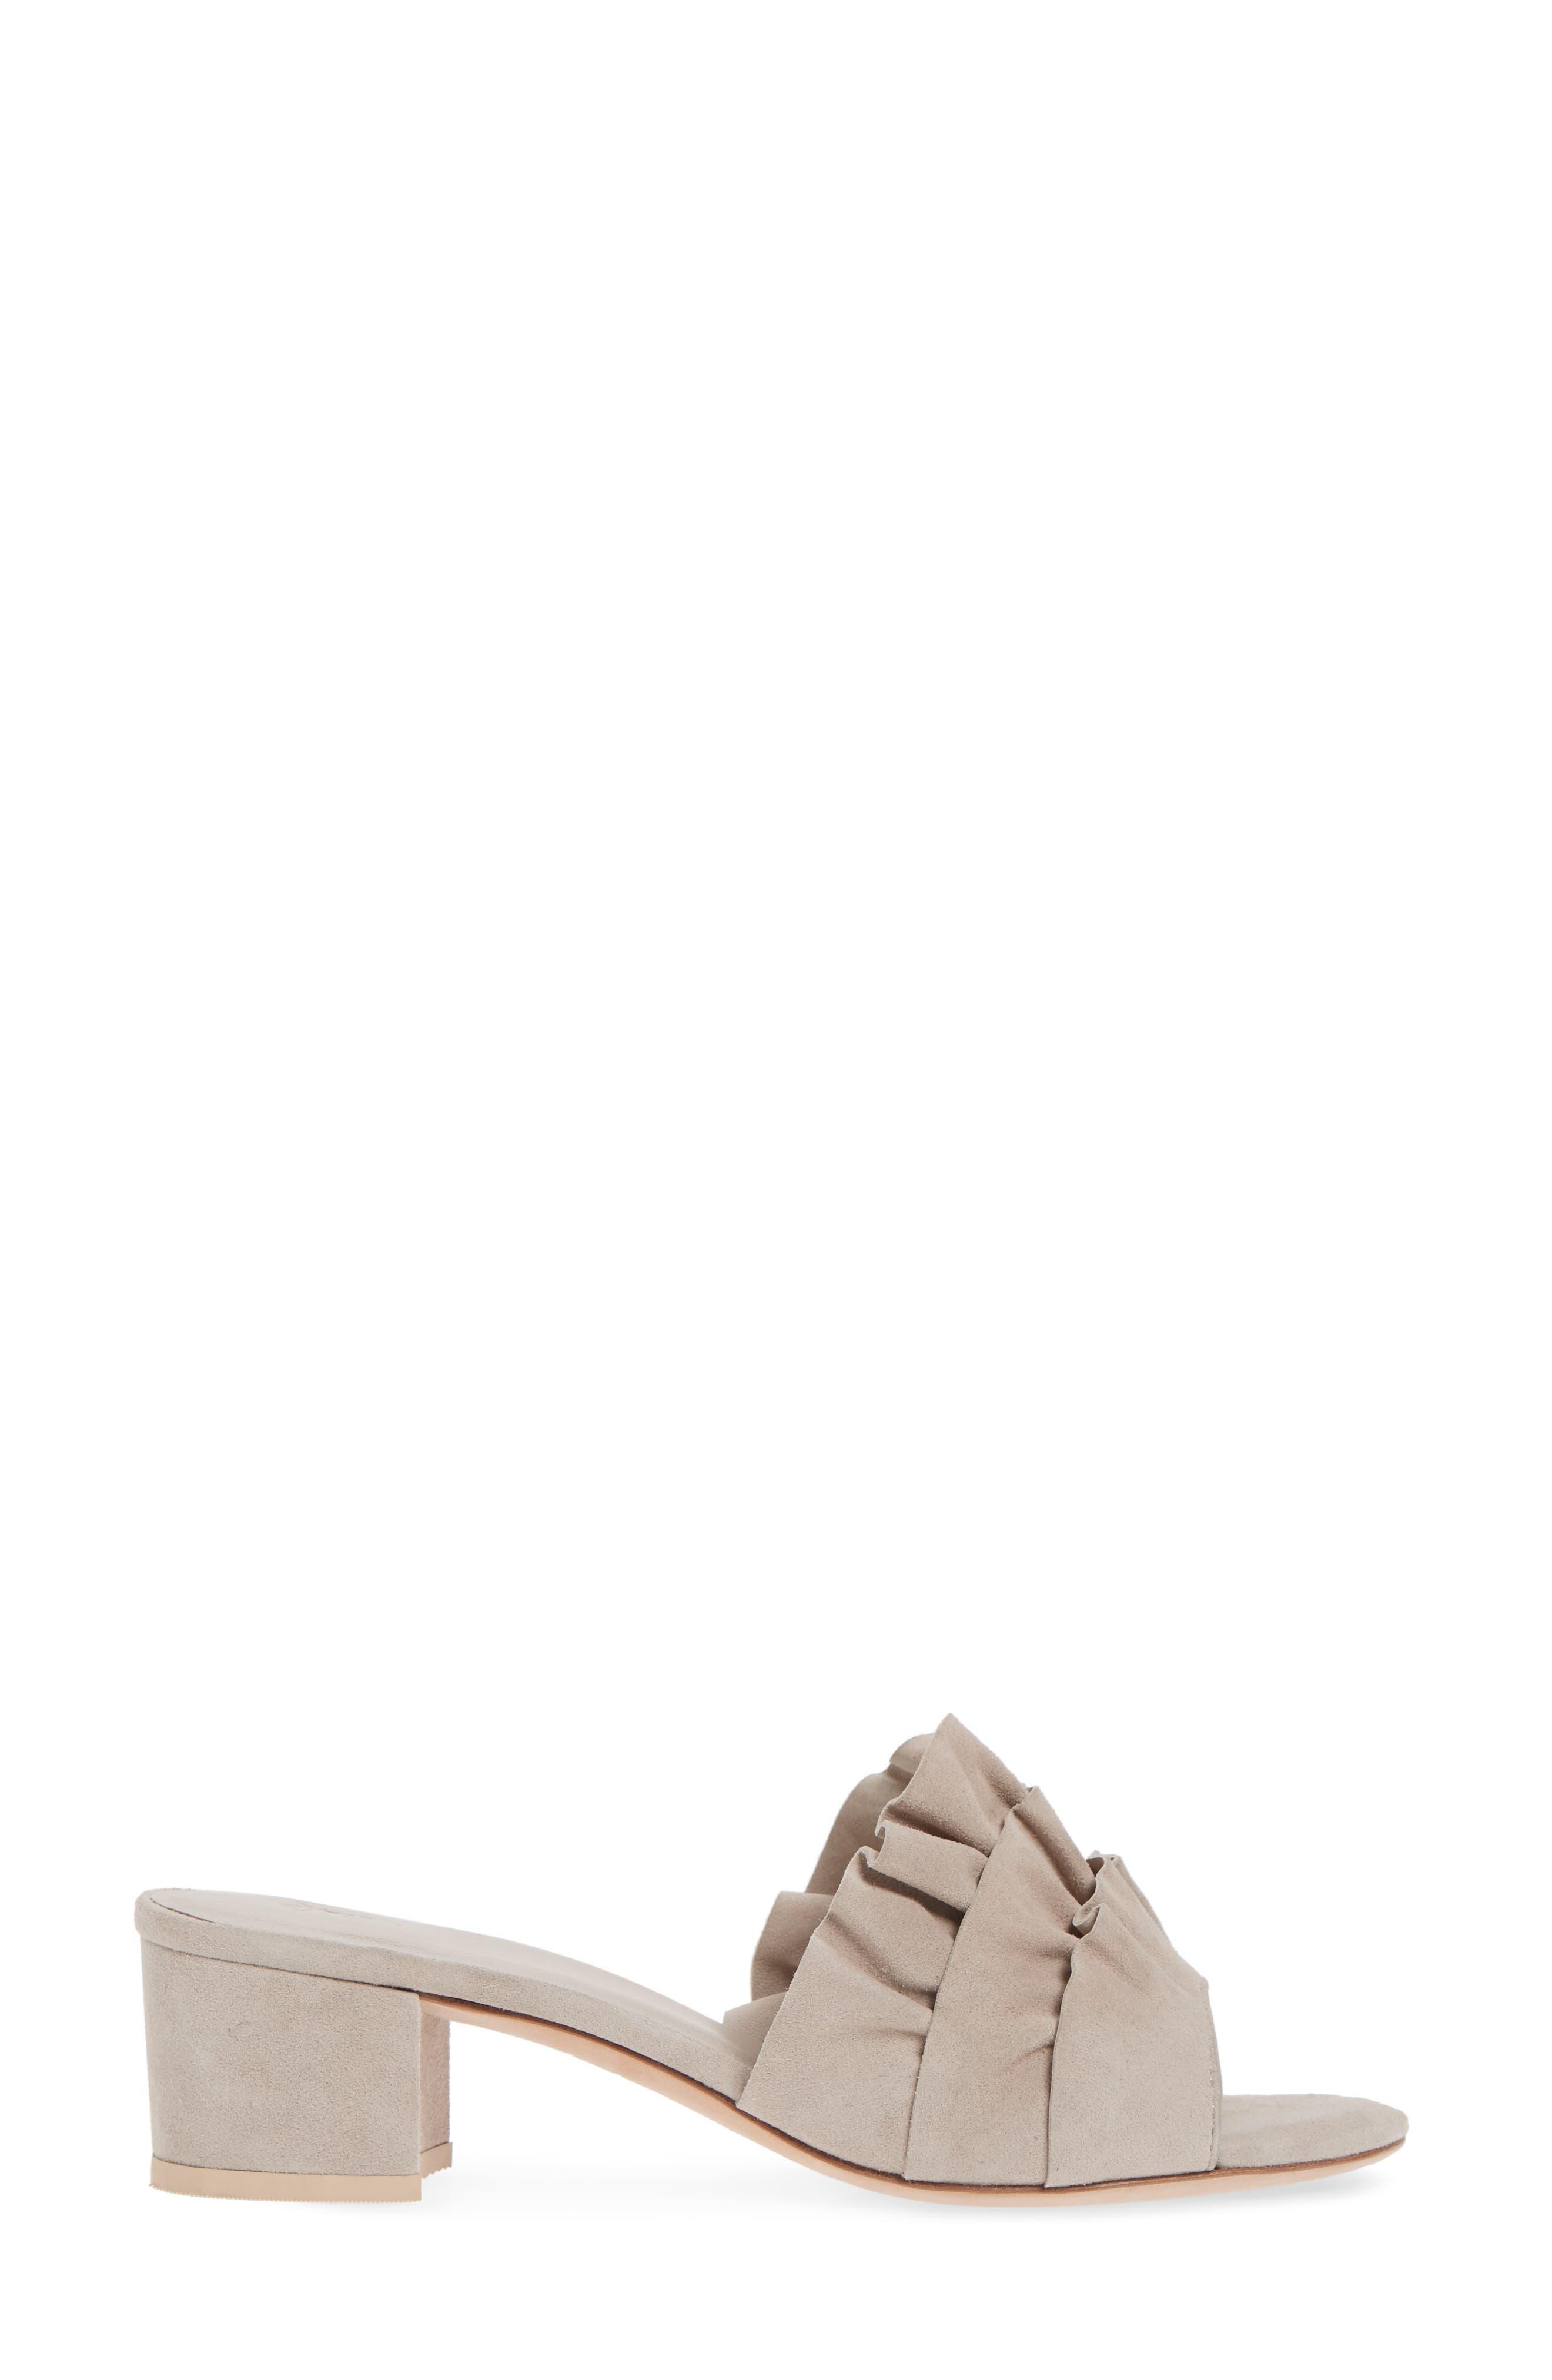 Alternate Image 3  - Joie Mai Ruffle Slide Sandal (Women)